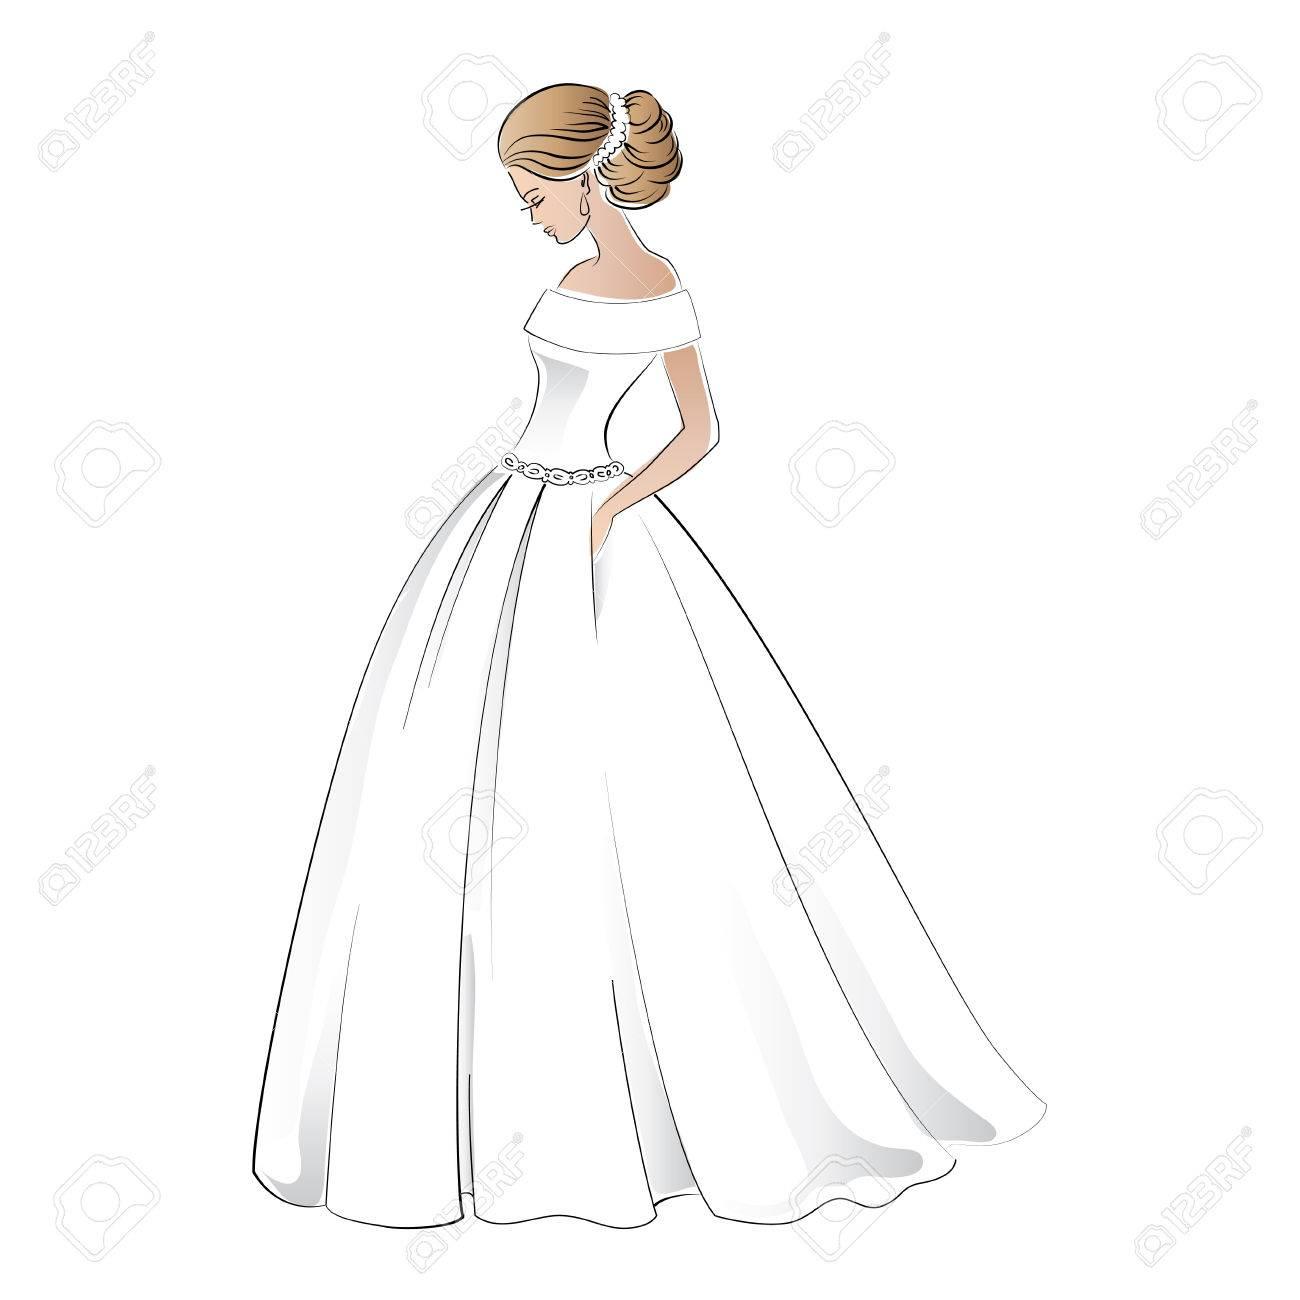 Braut Im Brautkleid Mit Ziemlich Illustration Frisur Isoliert Auf ...